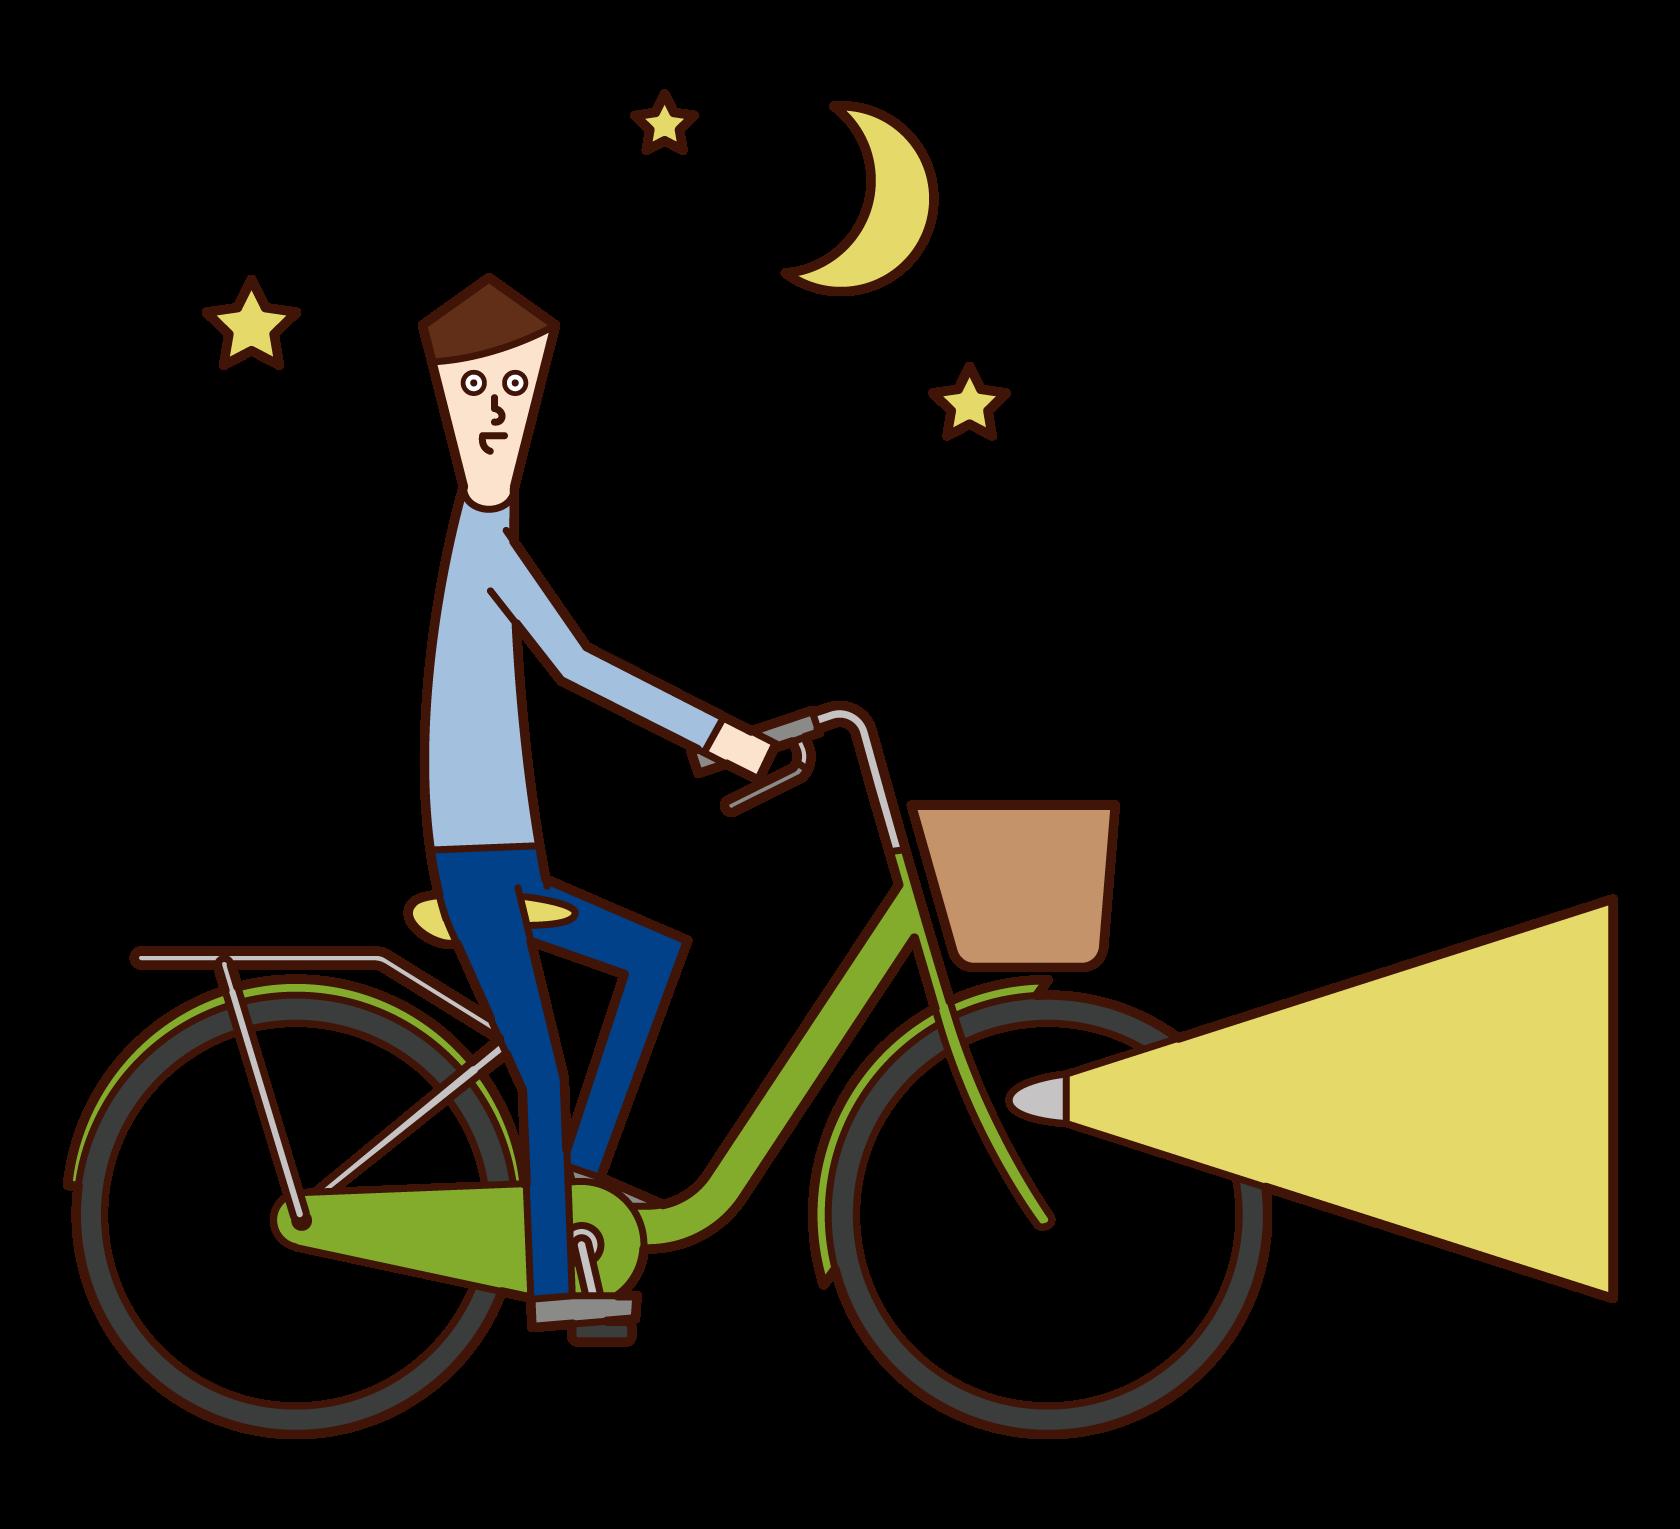 밤에 자전거를 점화하는 사람 (남성) 그림